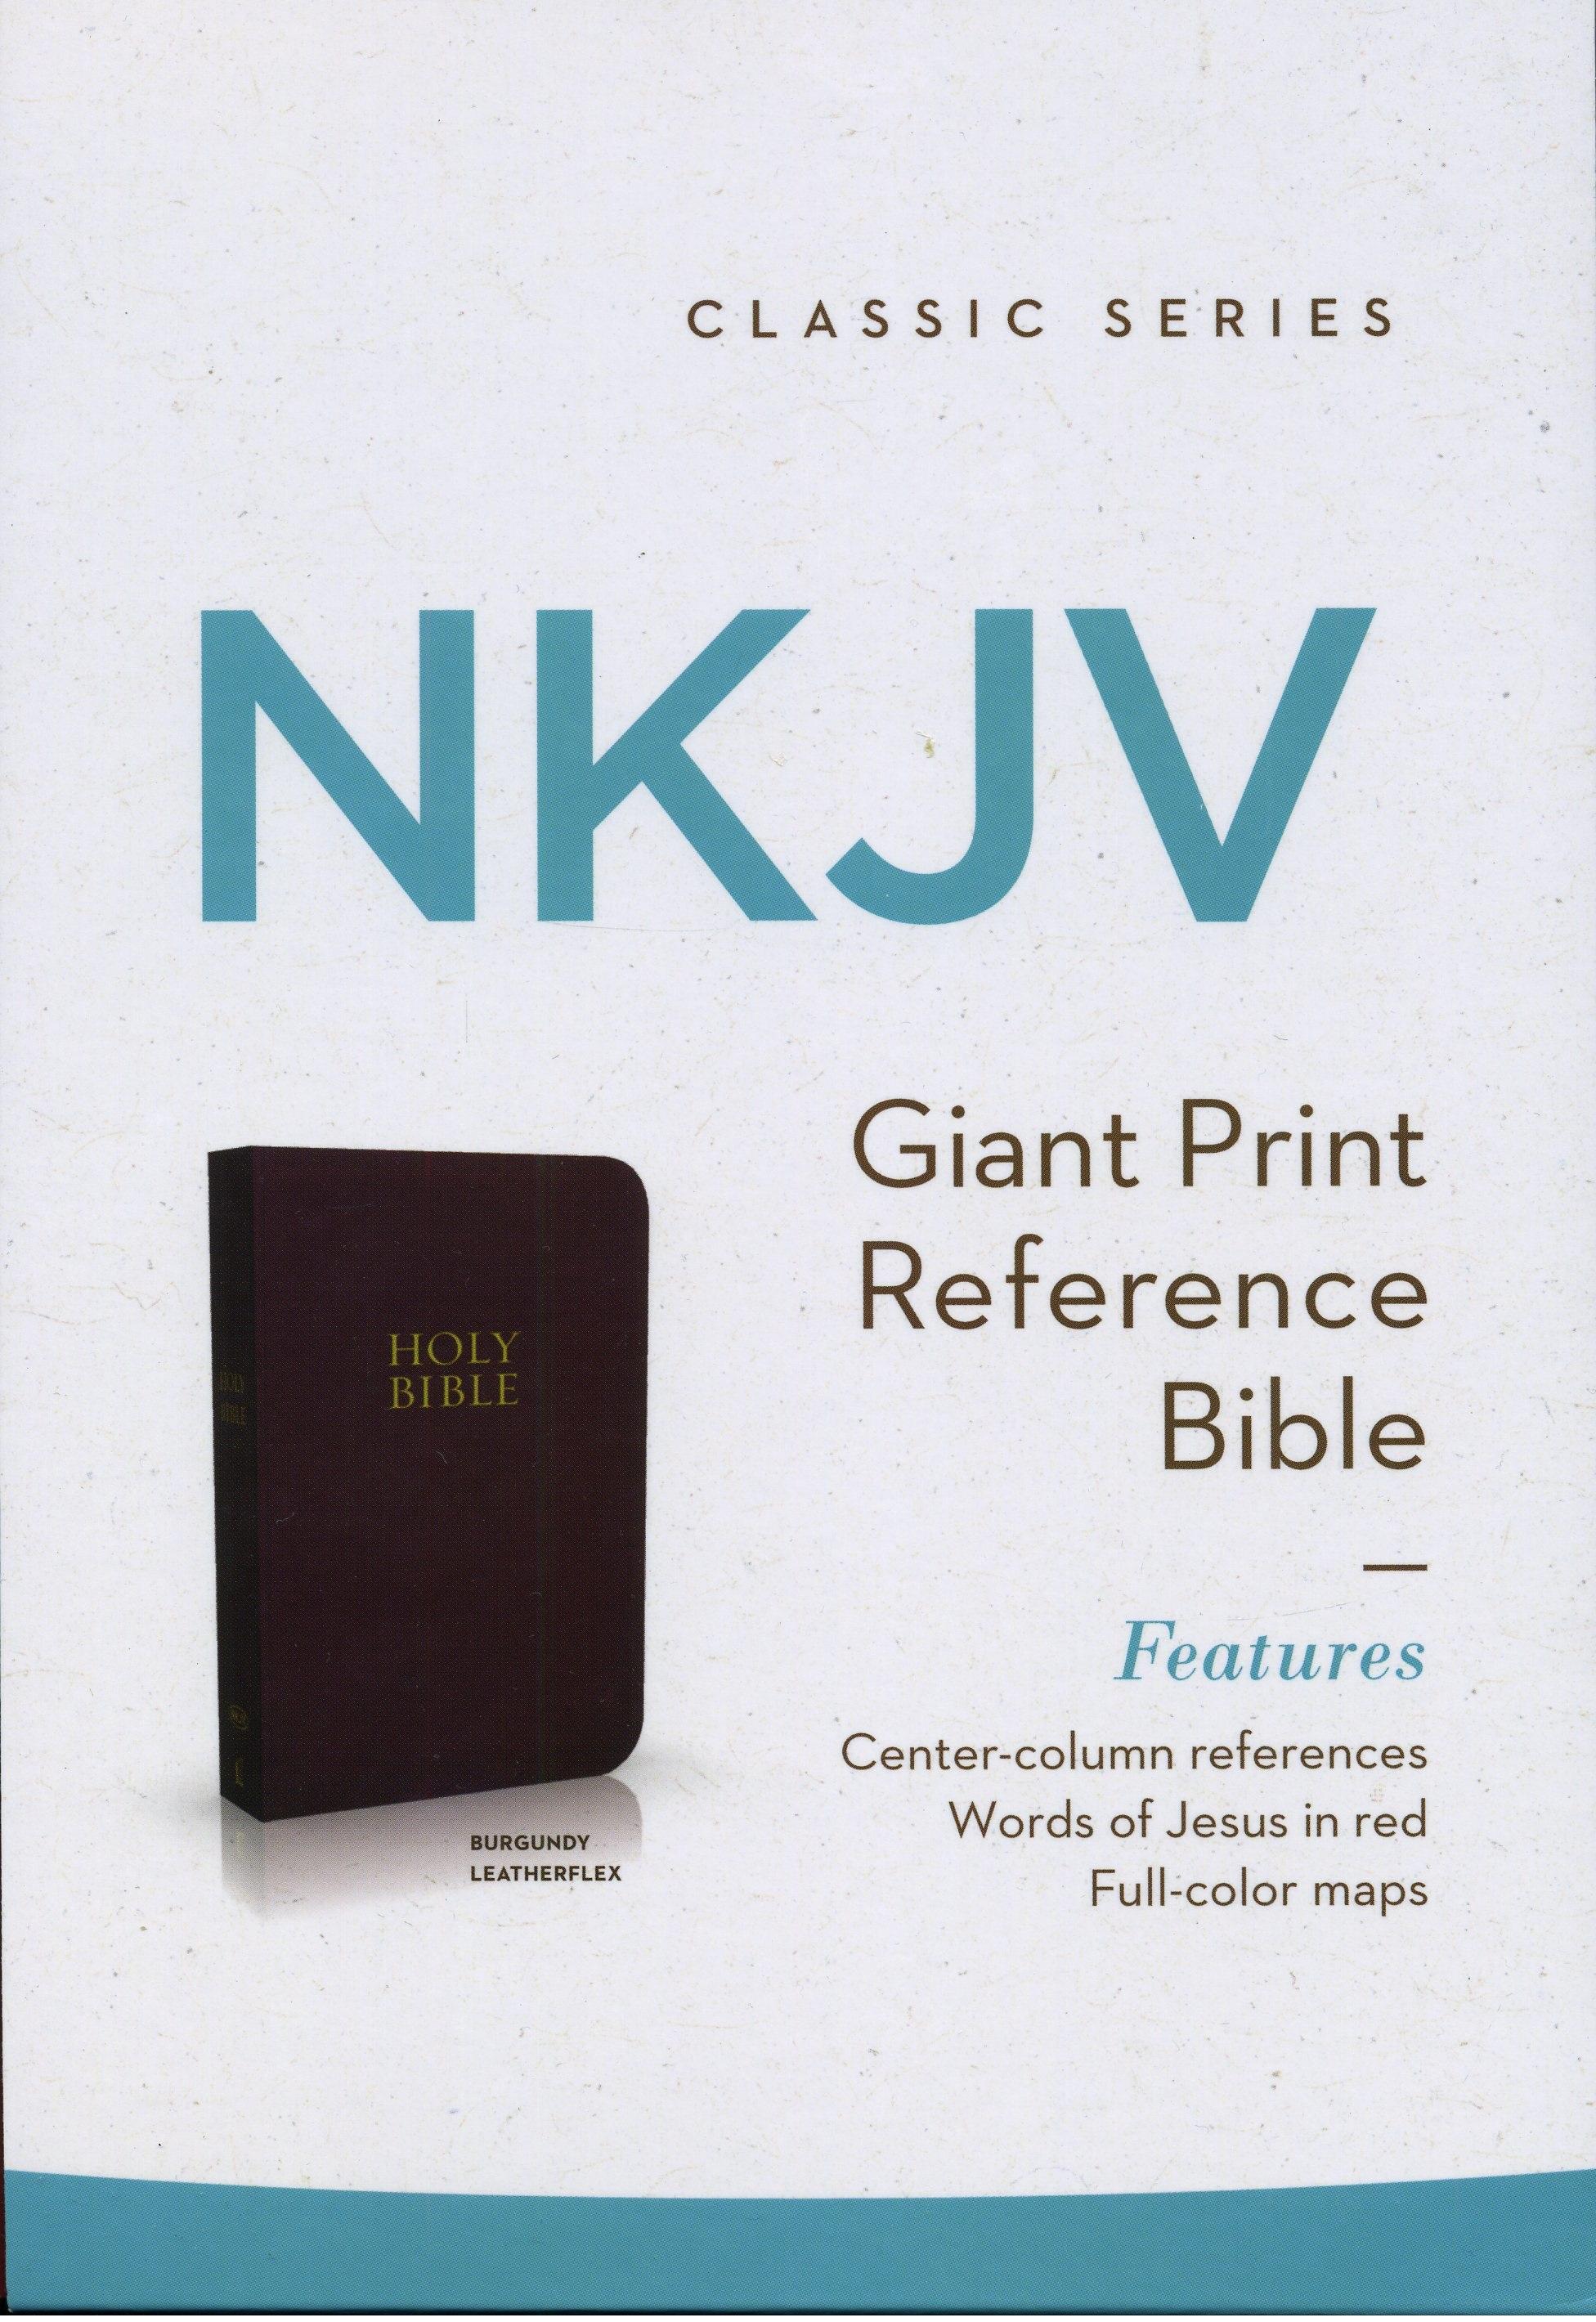 Biblia en Inglés NKJV Letra Grande